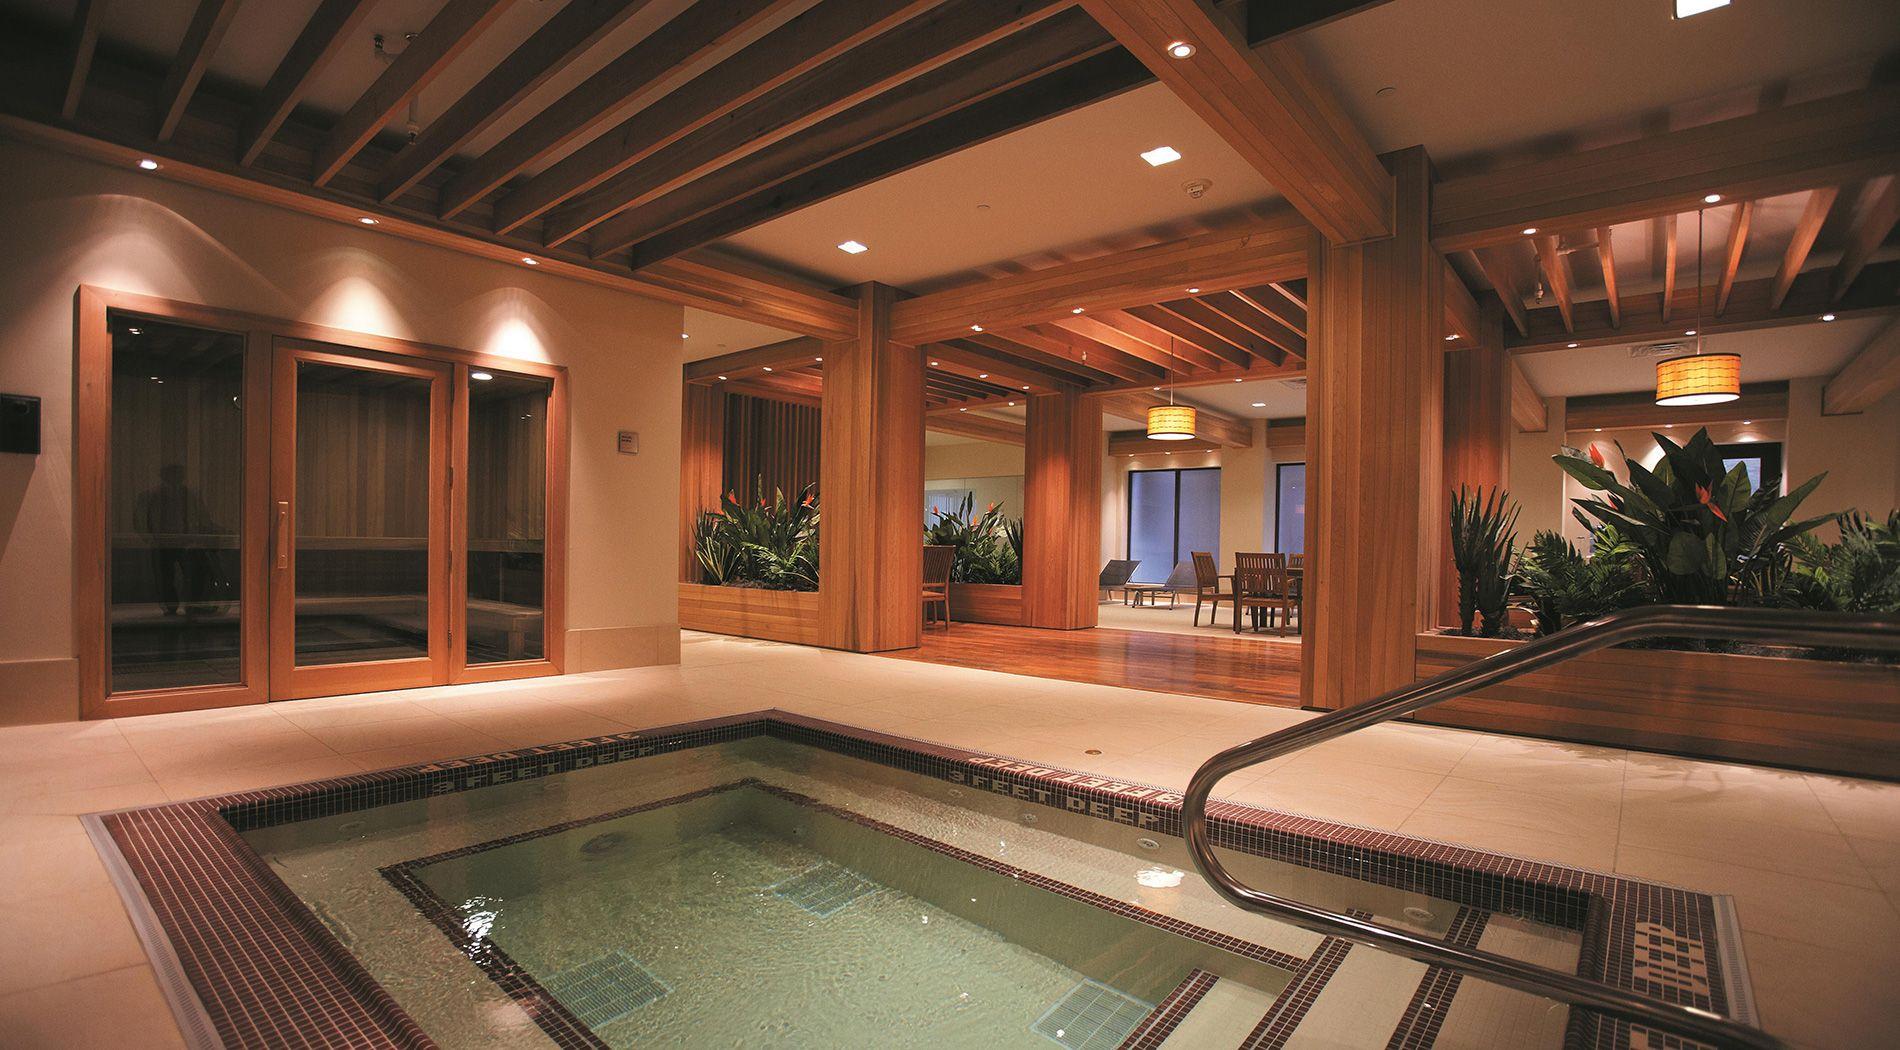 877 639 1585 1 2 Bedroom 1 2 Bath The Beacon 20 Beacon Way Jersey City Nj 07304 New York Metro Apartments For Rent Luxury Apartments Luxurious Bedrooms Jersey City